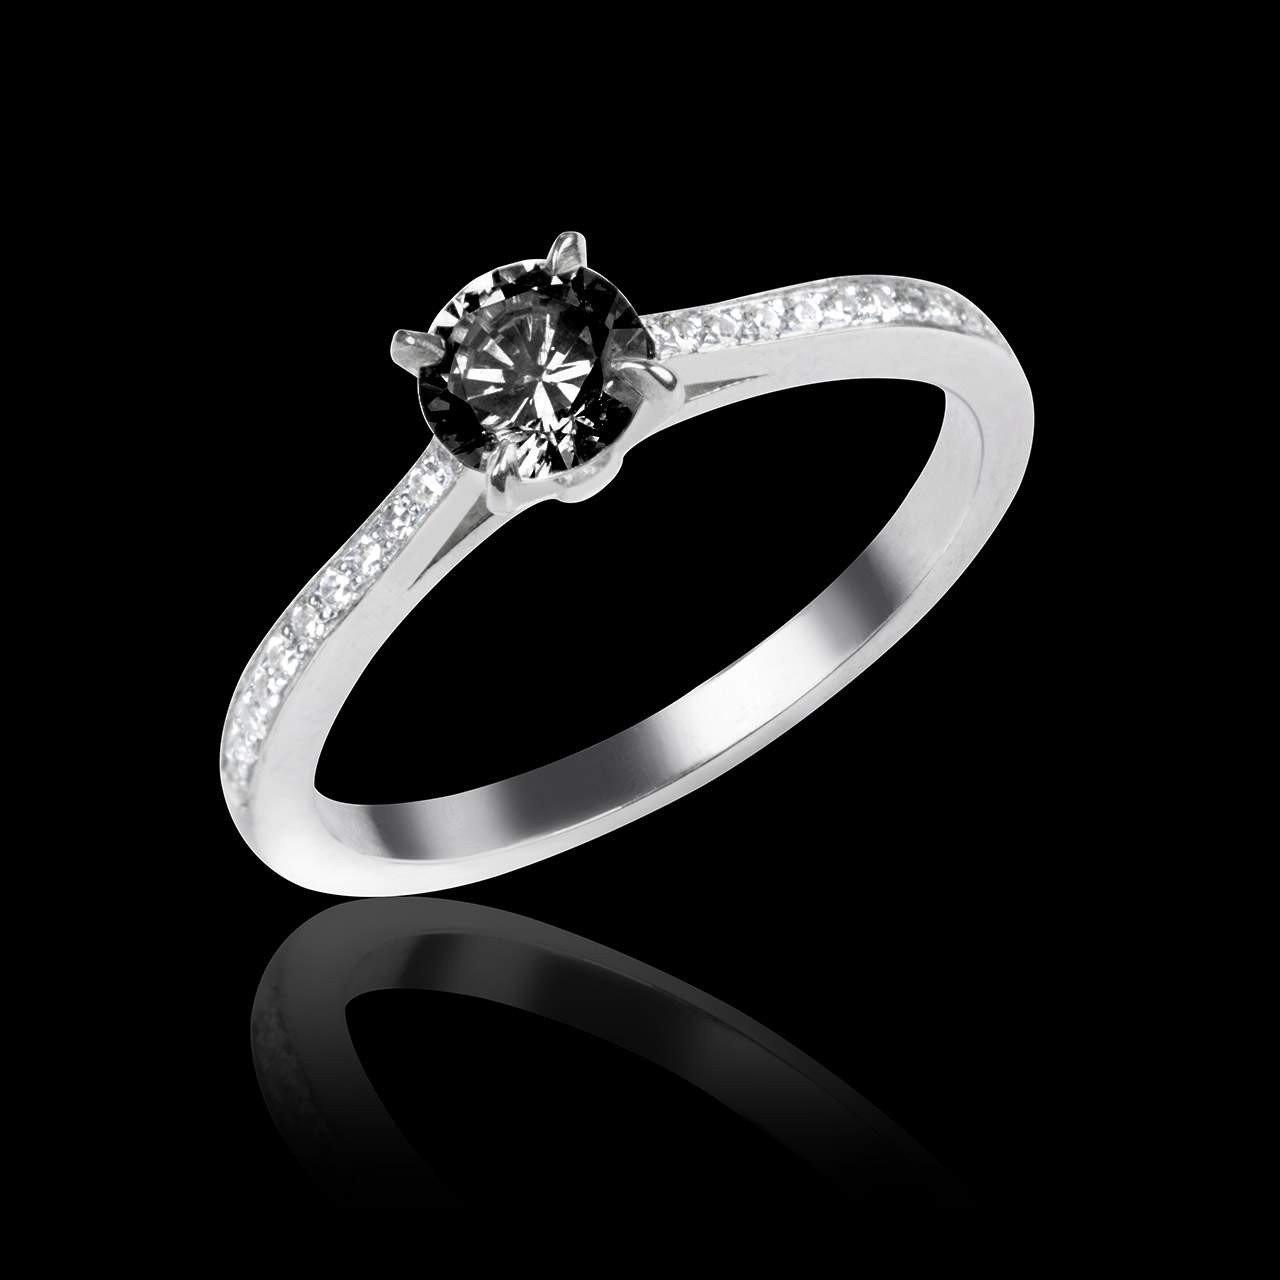 Bien-aimé Bague de fiançailles diamant noir Elodie - Maison Jaubalet NA32